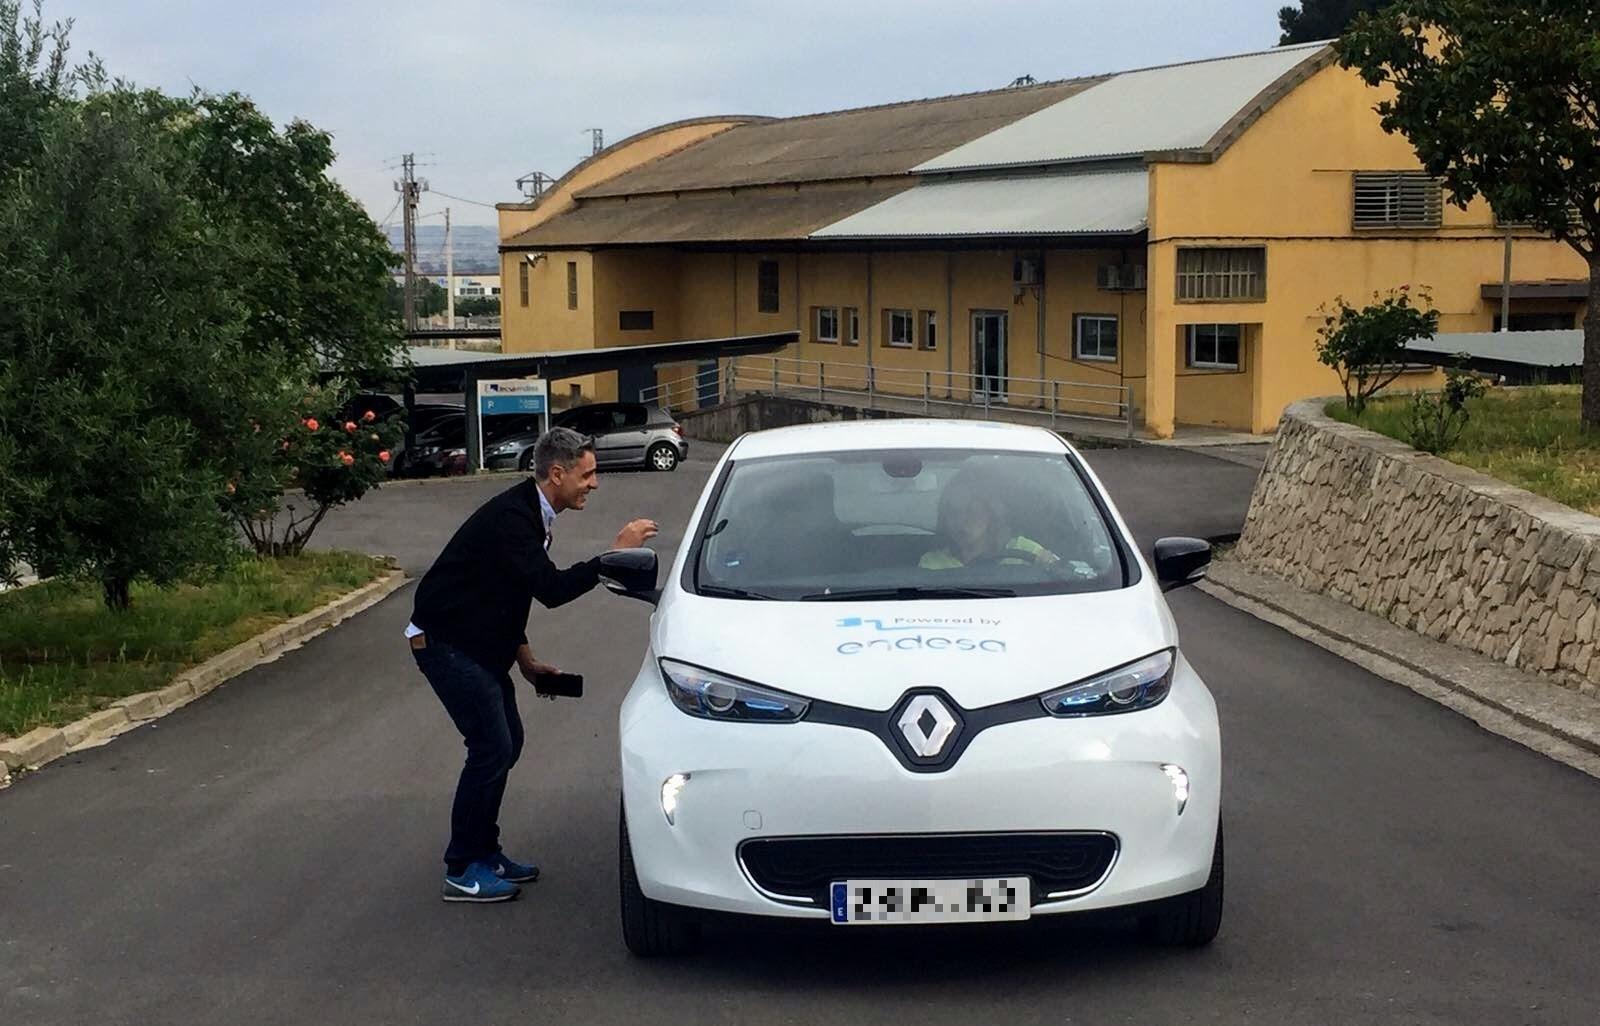 vuelta a España en vehículo eléctrico con renault zoe